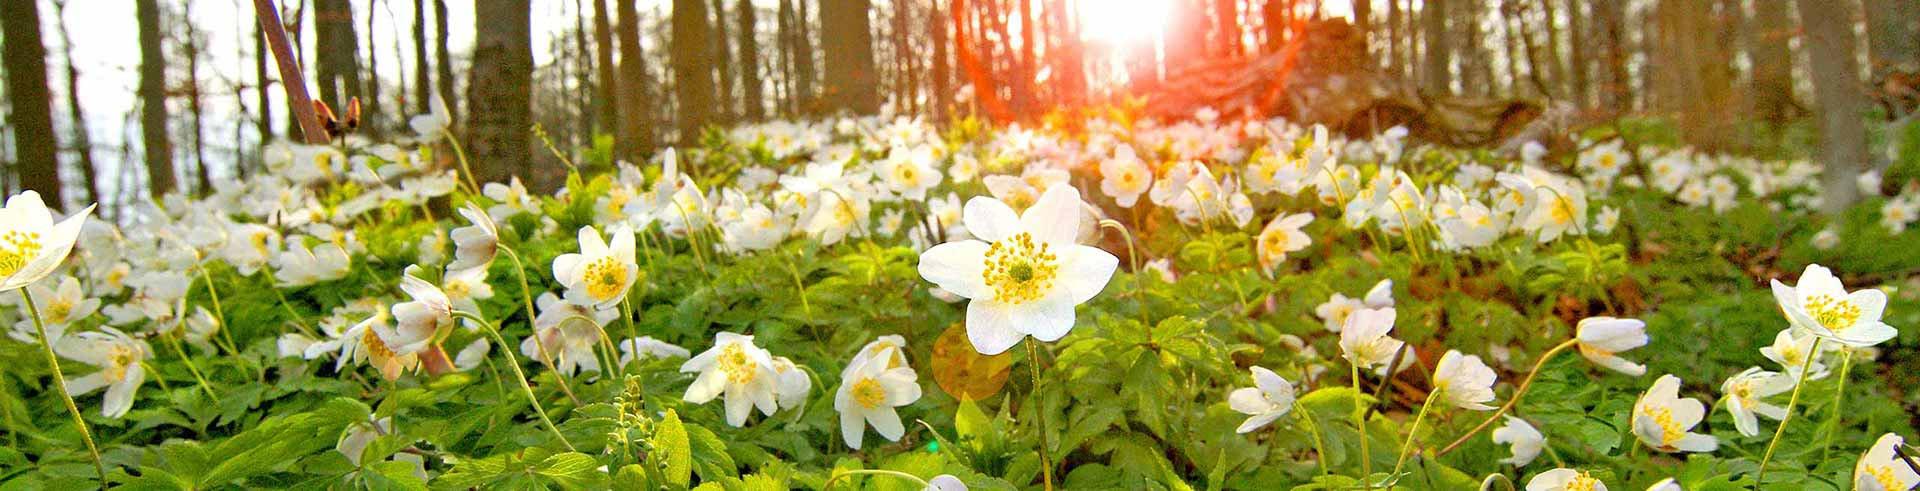 Anemonenblüte im Begräbniswald Freden op`n Kliff- Ein schönes Grab ohne Grabpflege